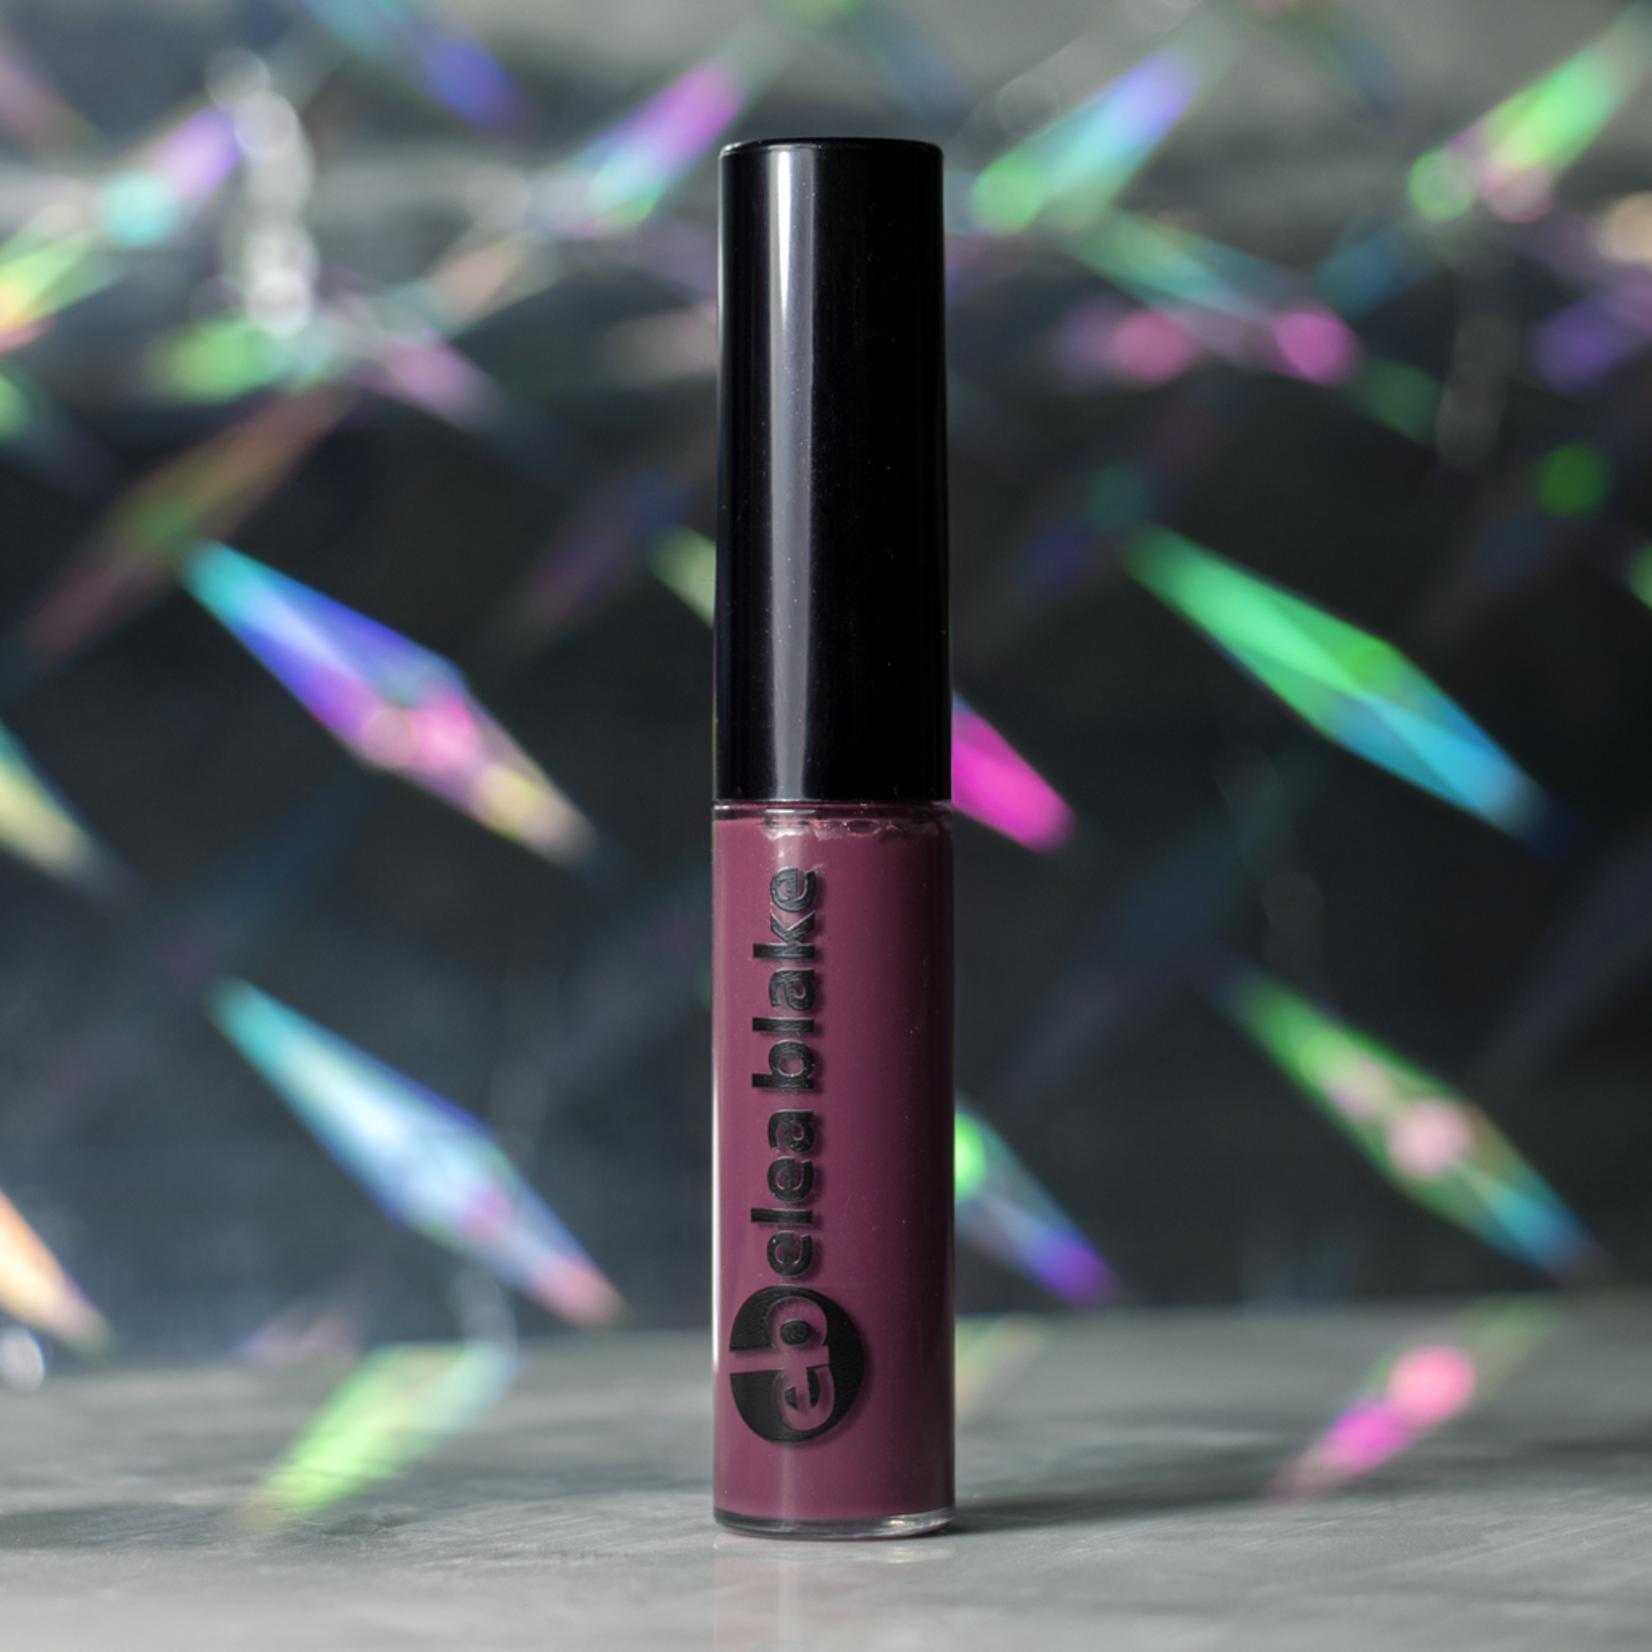 Discombobulated — lipgloss